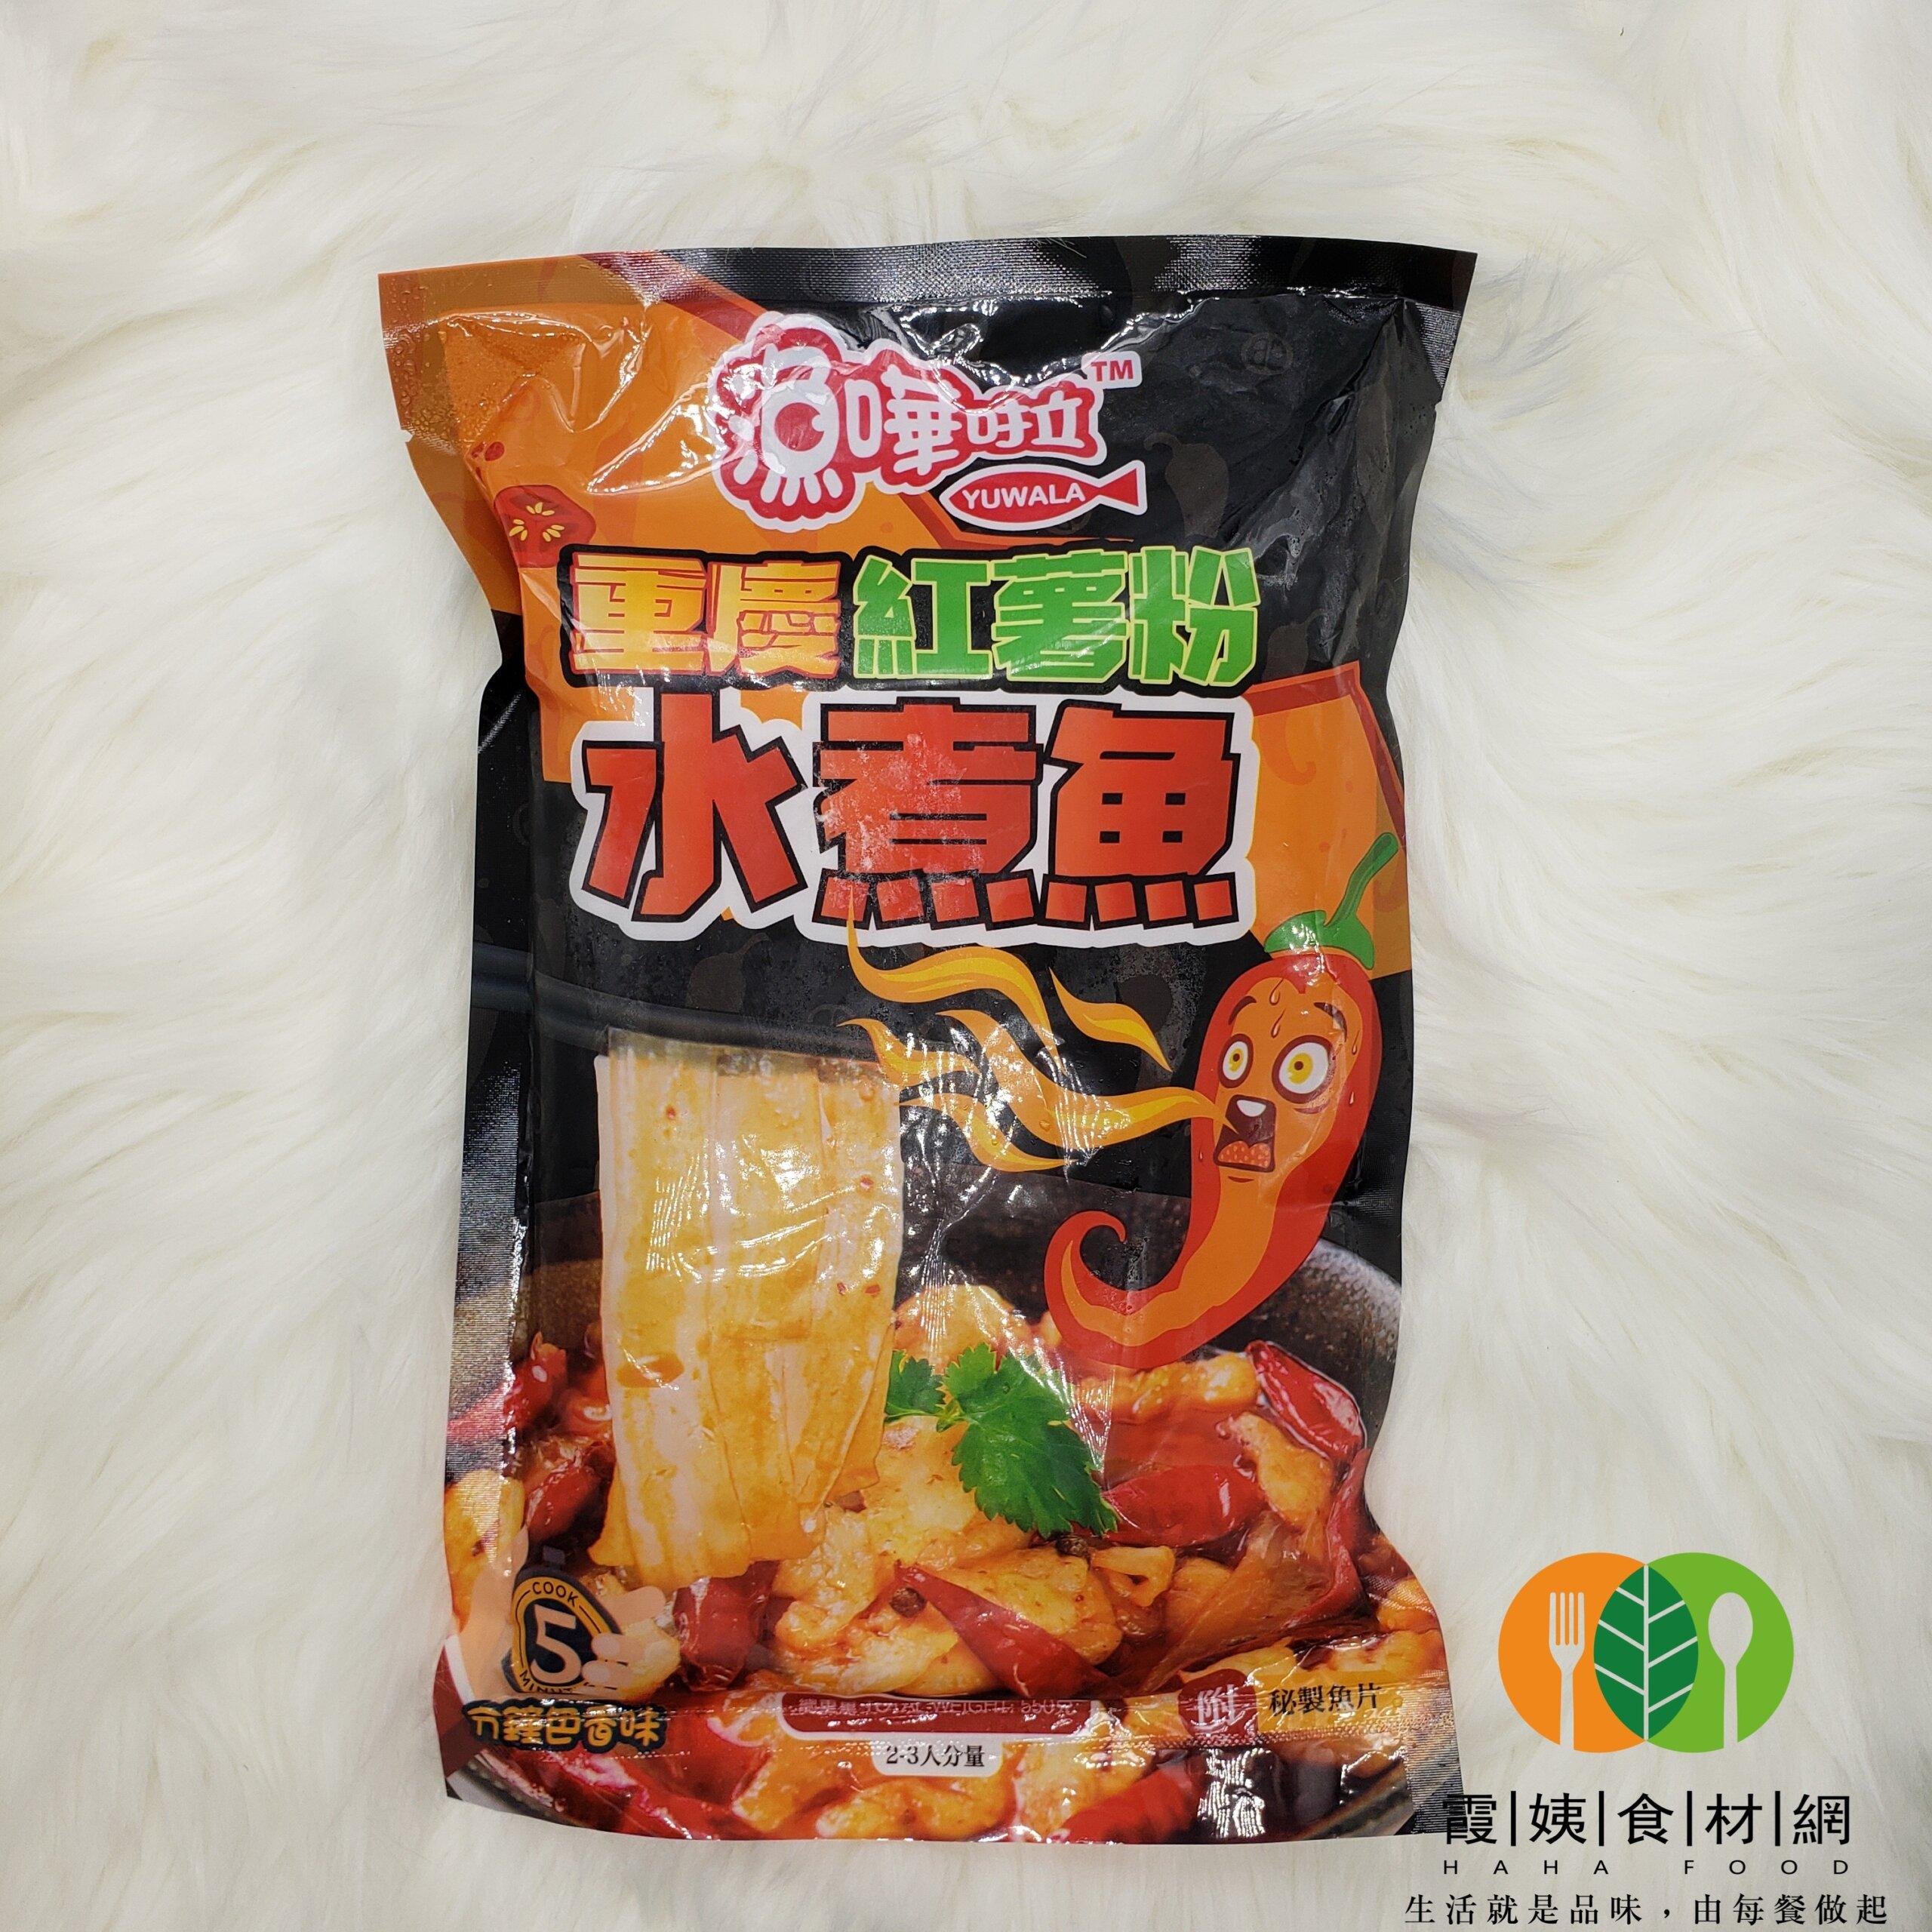 香港漁嘩啦重慶紅薯粉水煮魚